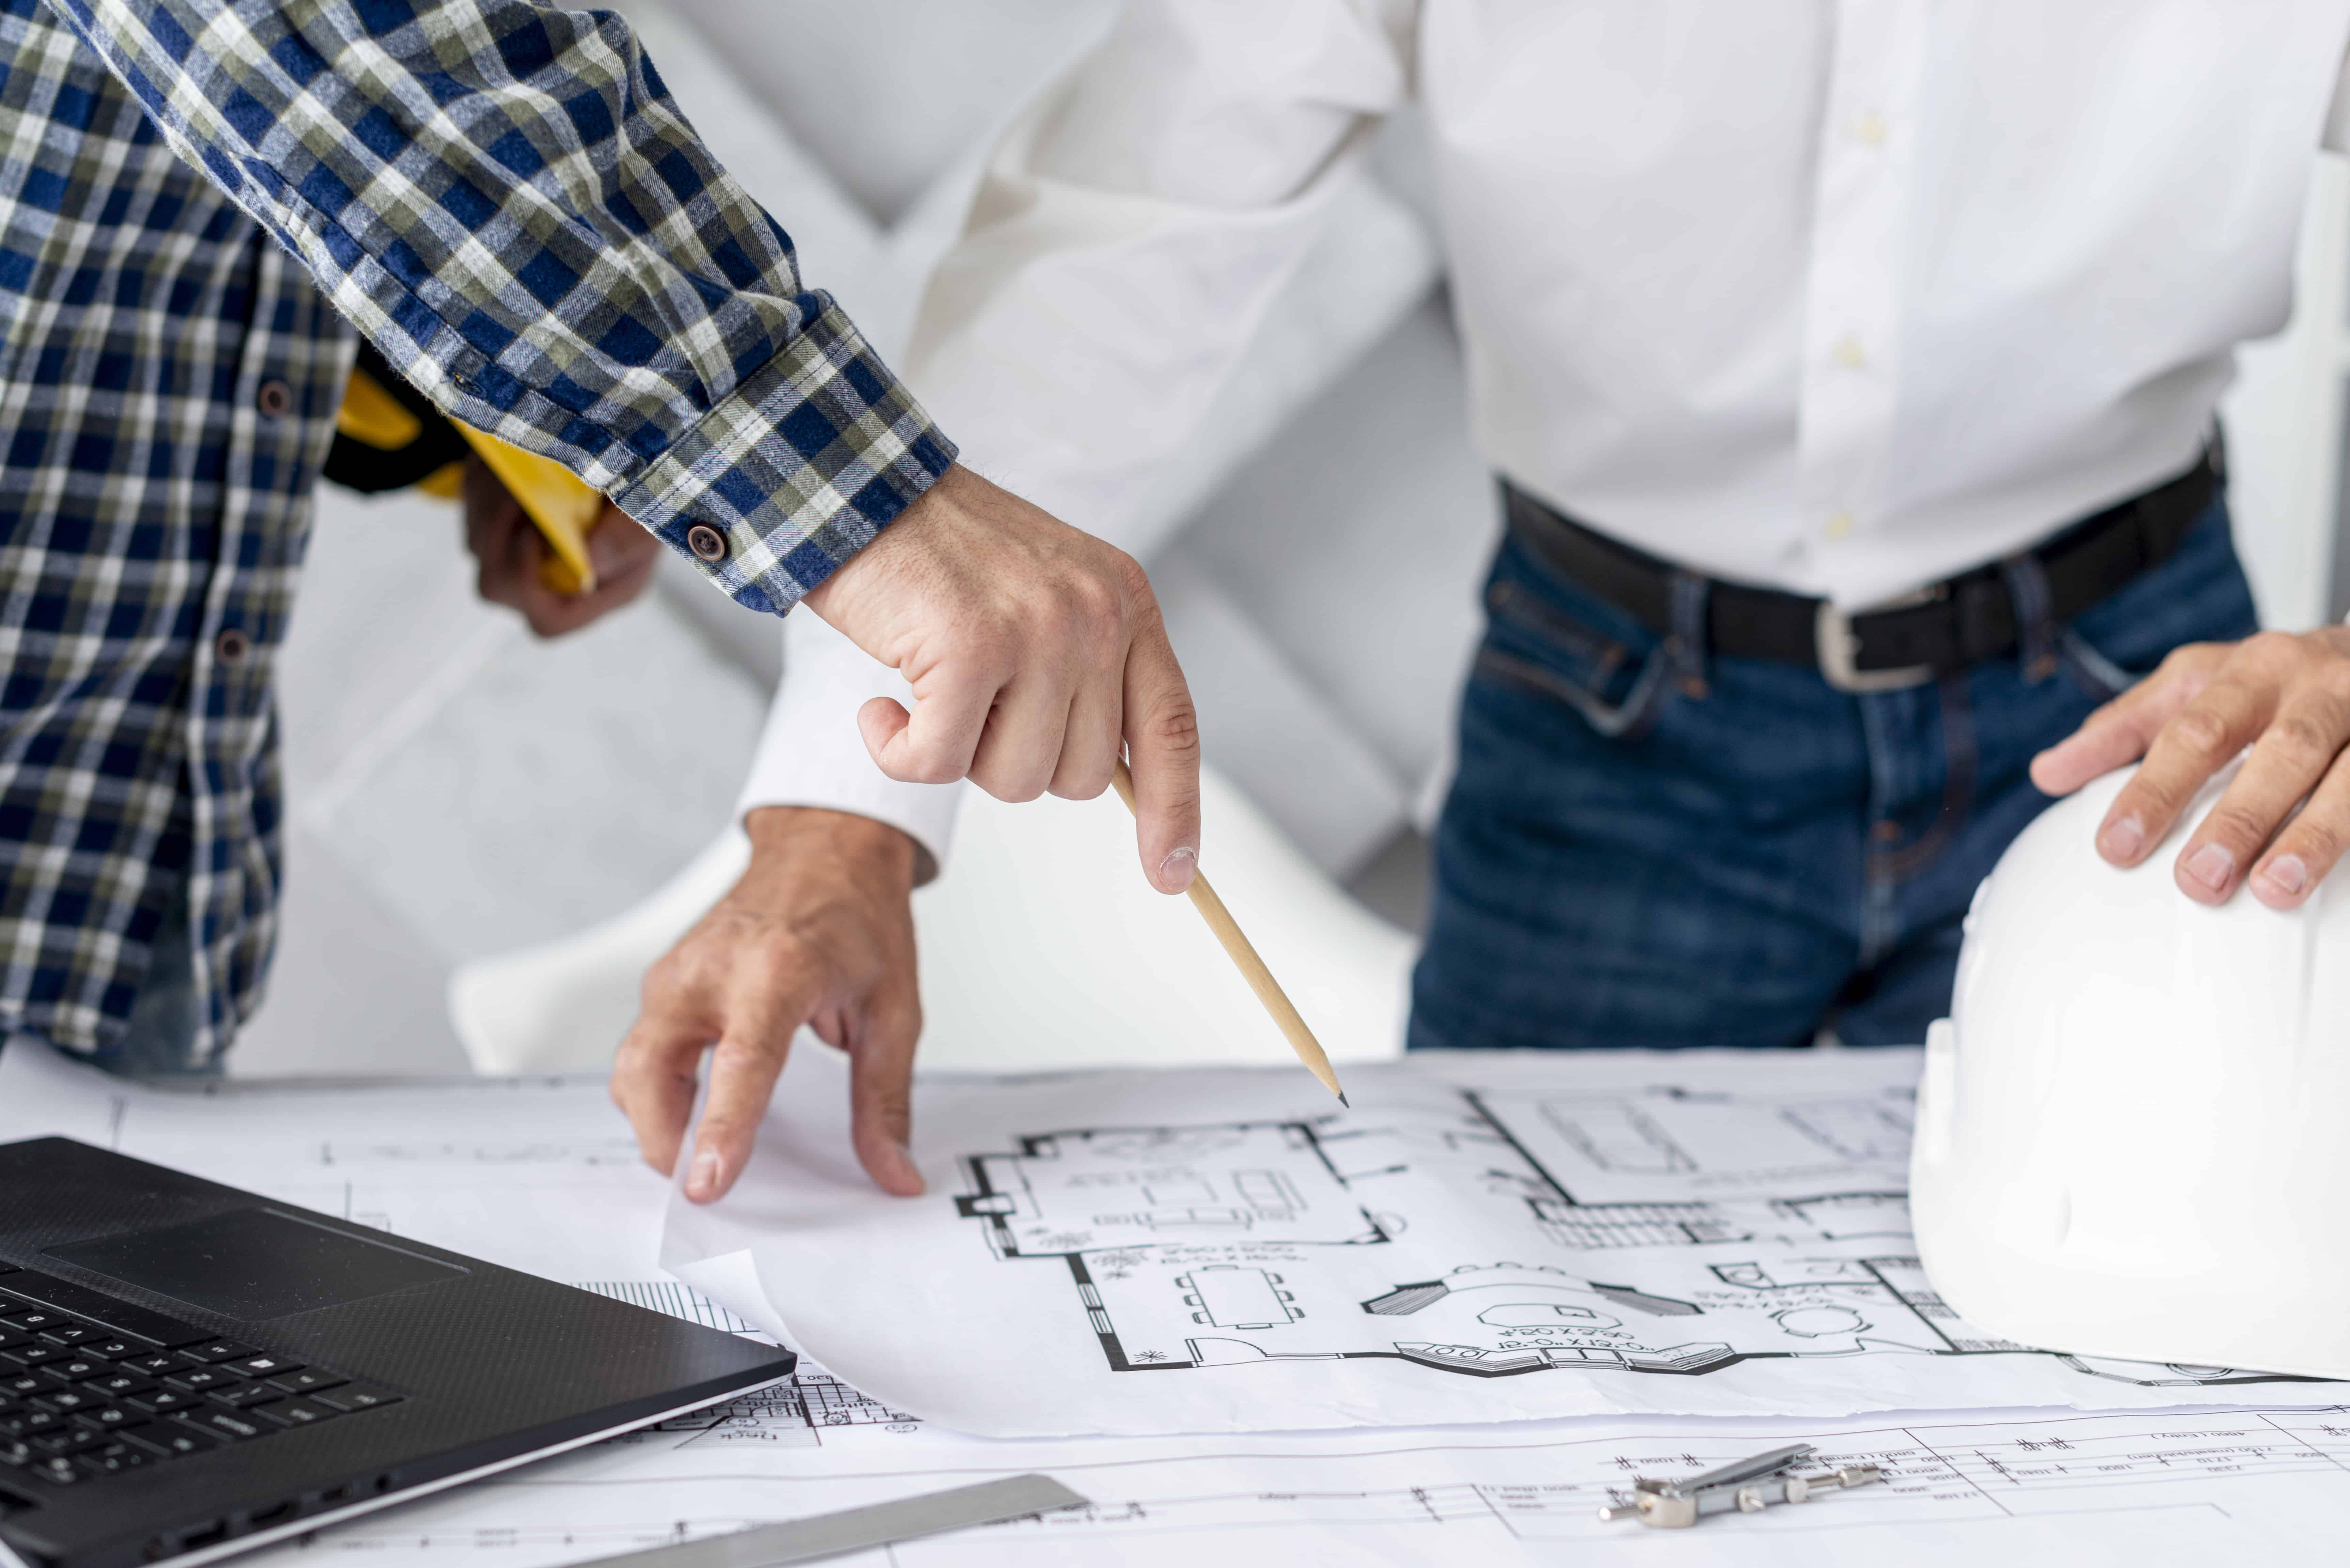 אישור חריגות בנייה